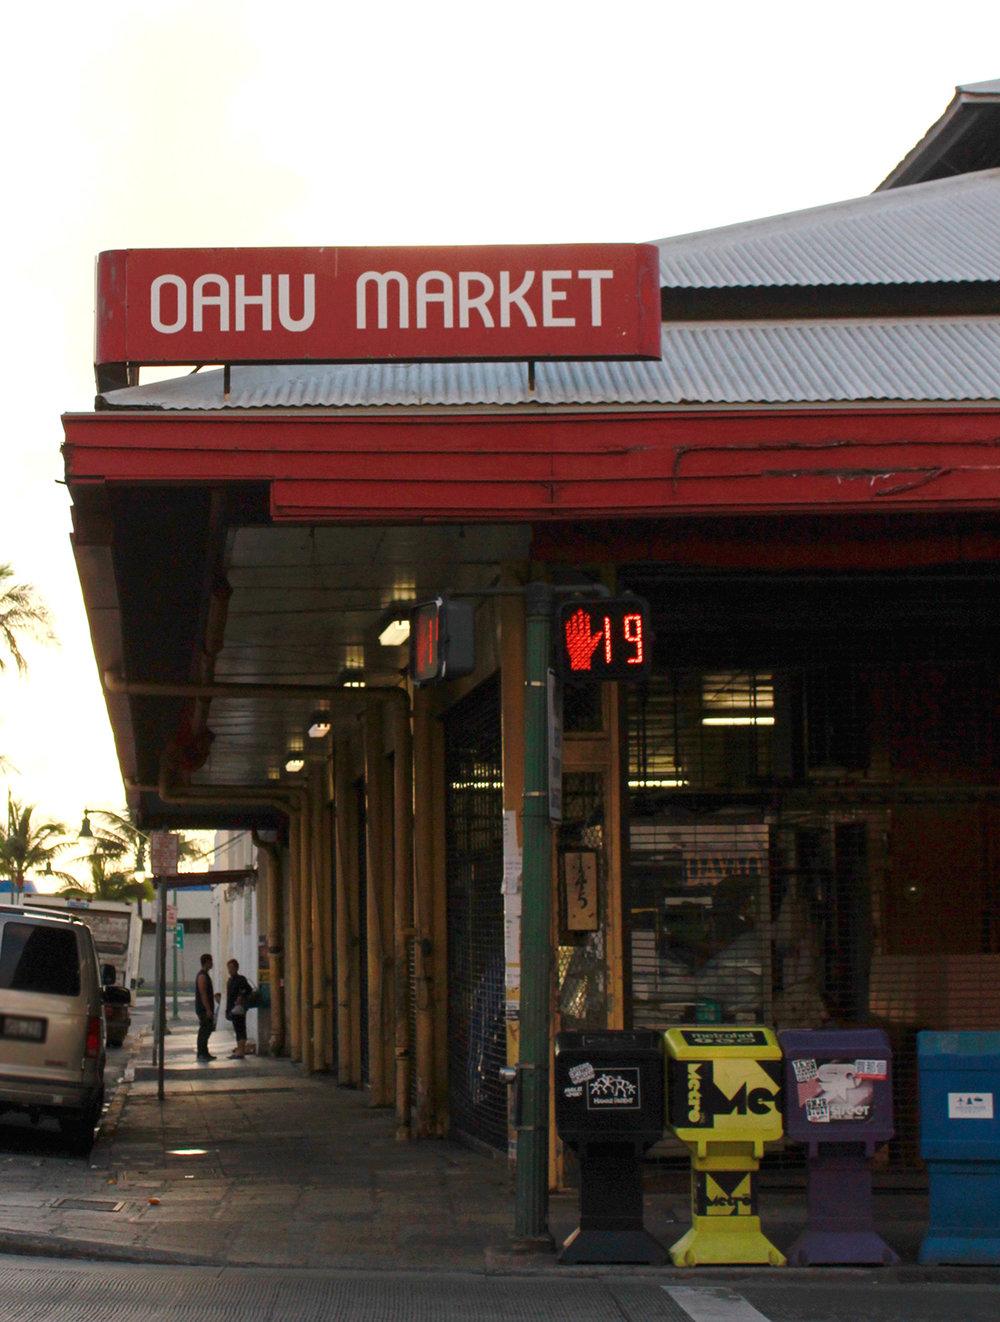 HistoricChinatown_OahuMarket.jpg